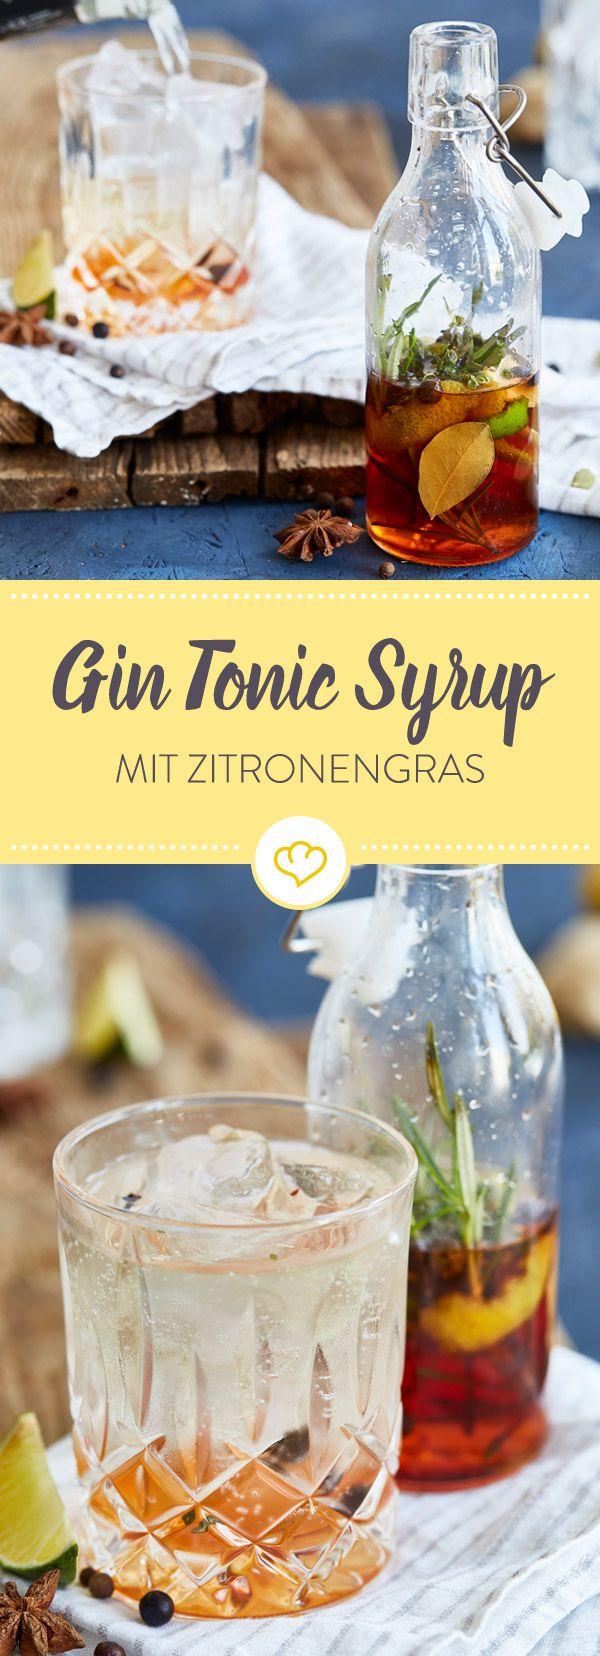 Lust auf Gin Tonic, aber kein Tonic Water im Haus? Gut, dass du selbstgemachten Tonic Sirup da hast, um sofort loszumischen.